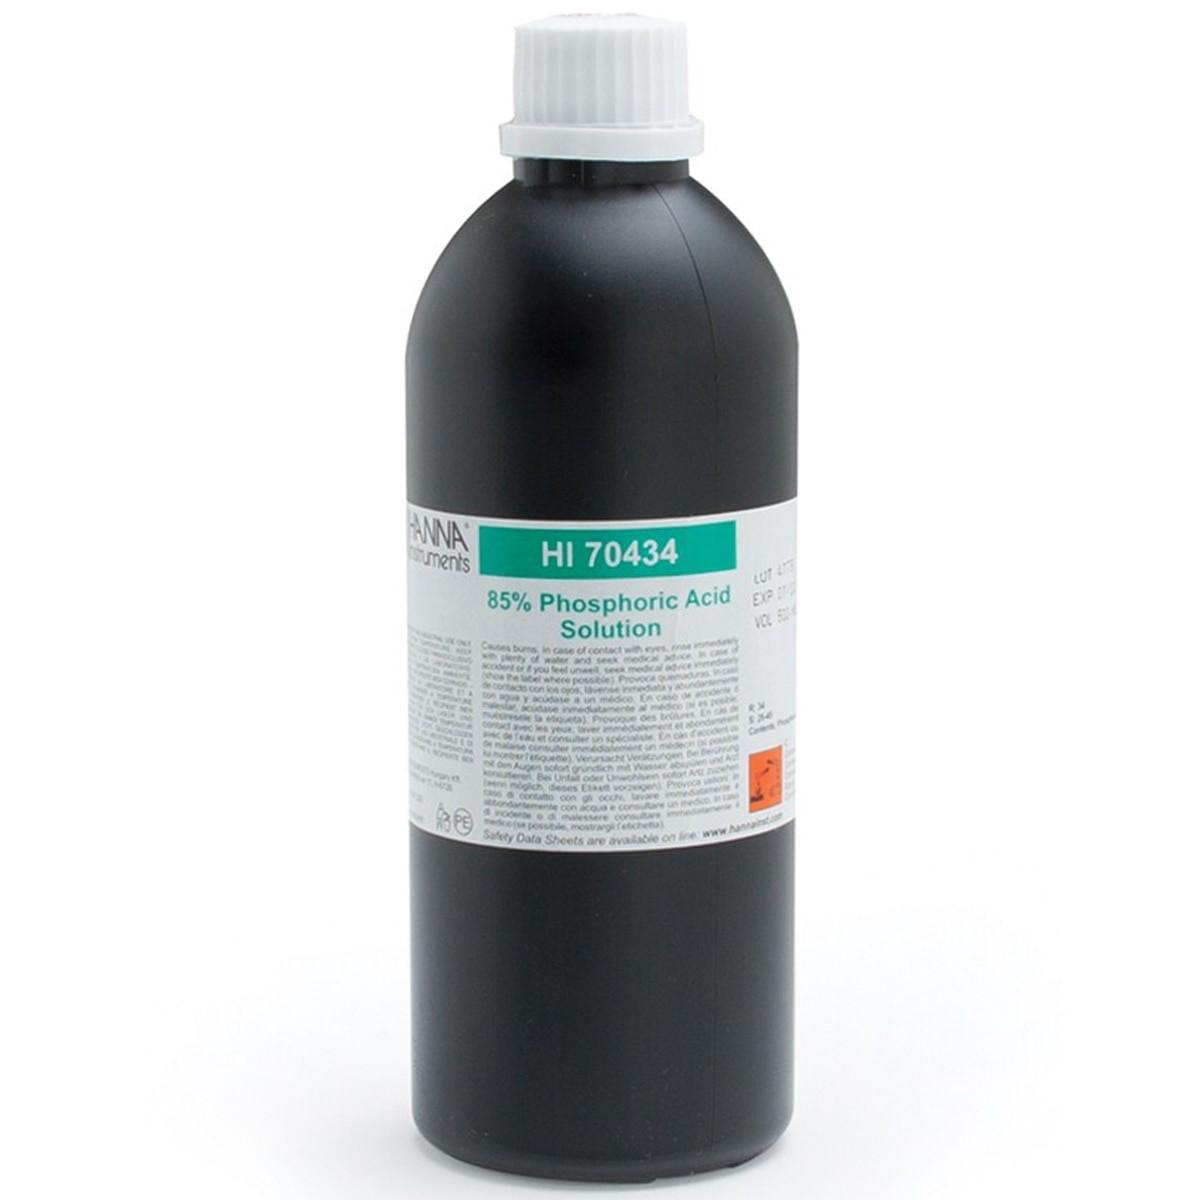 Phosphoric Acid Solution 85%, 500 mL - HI70434